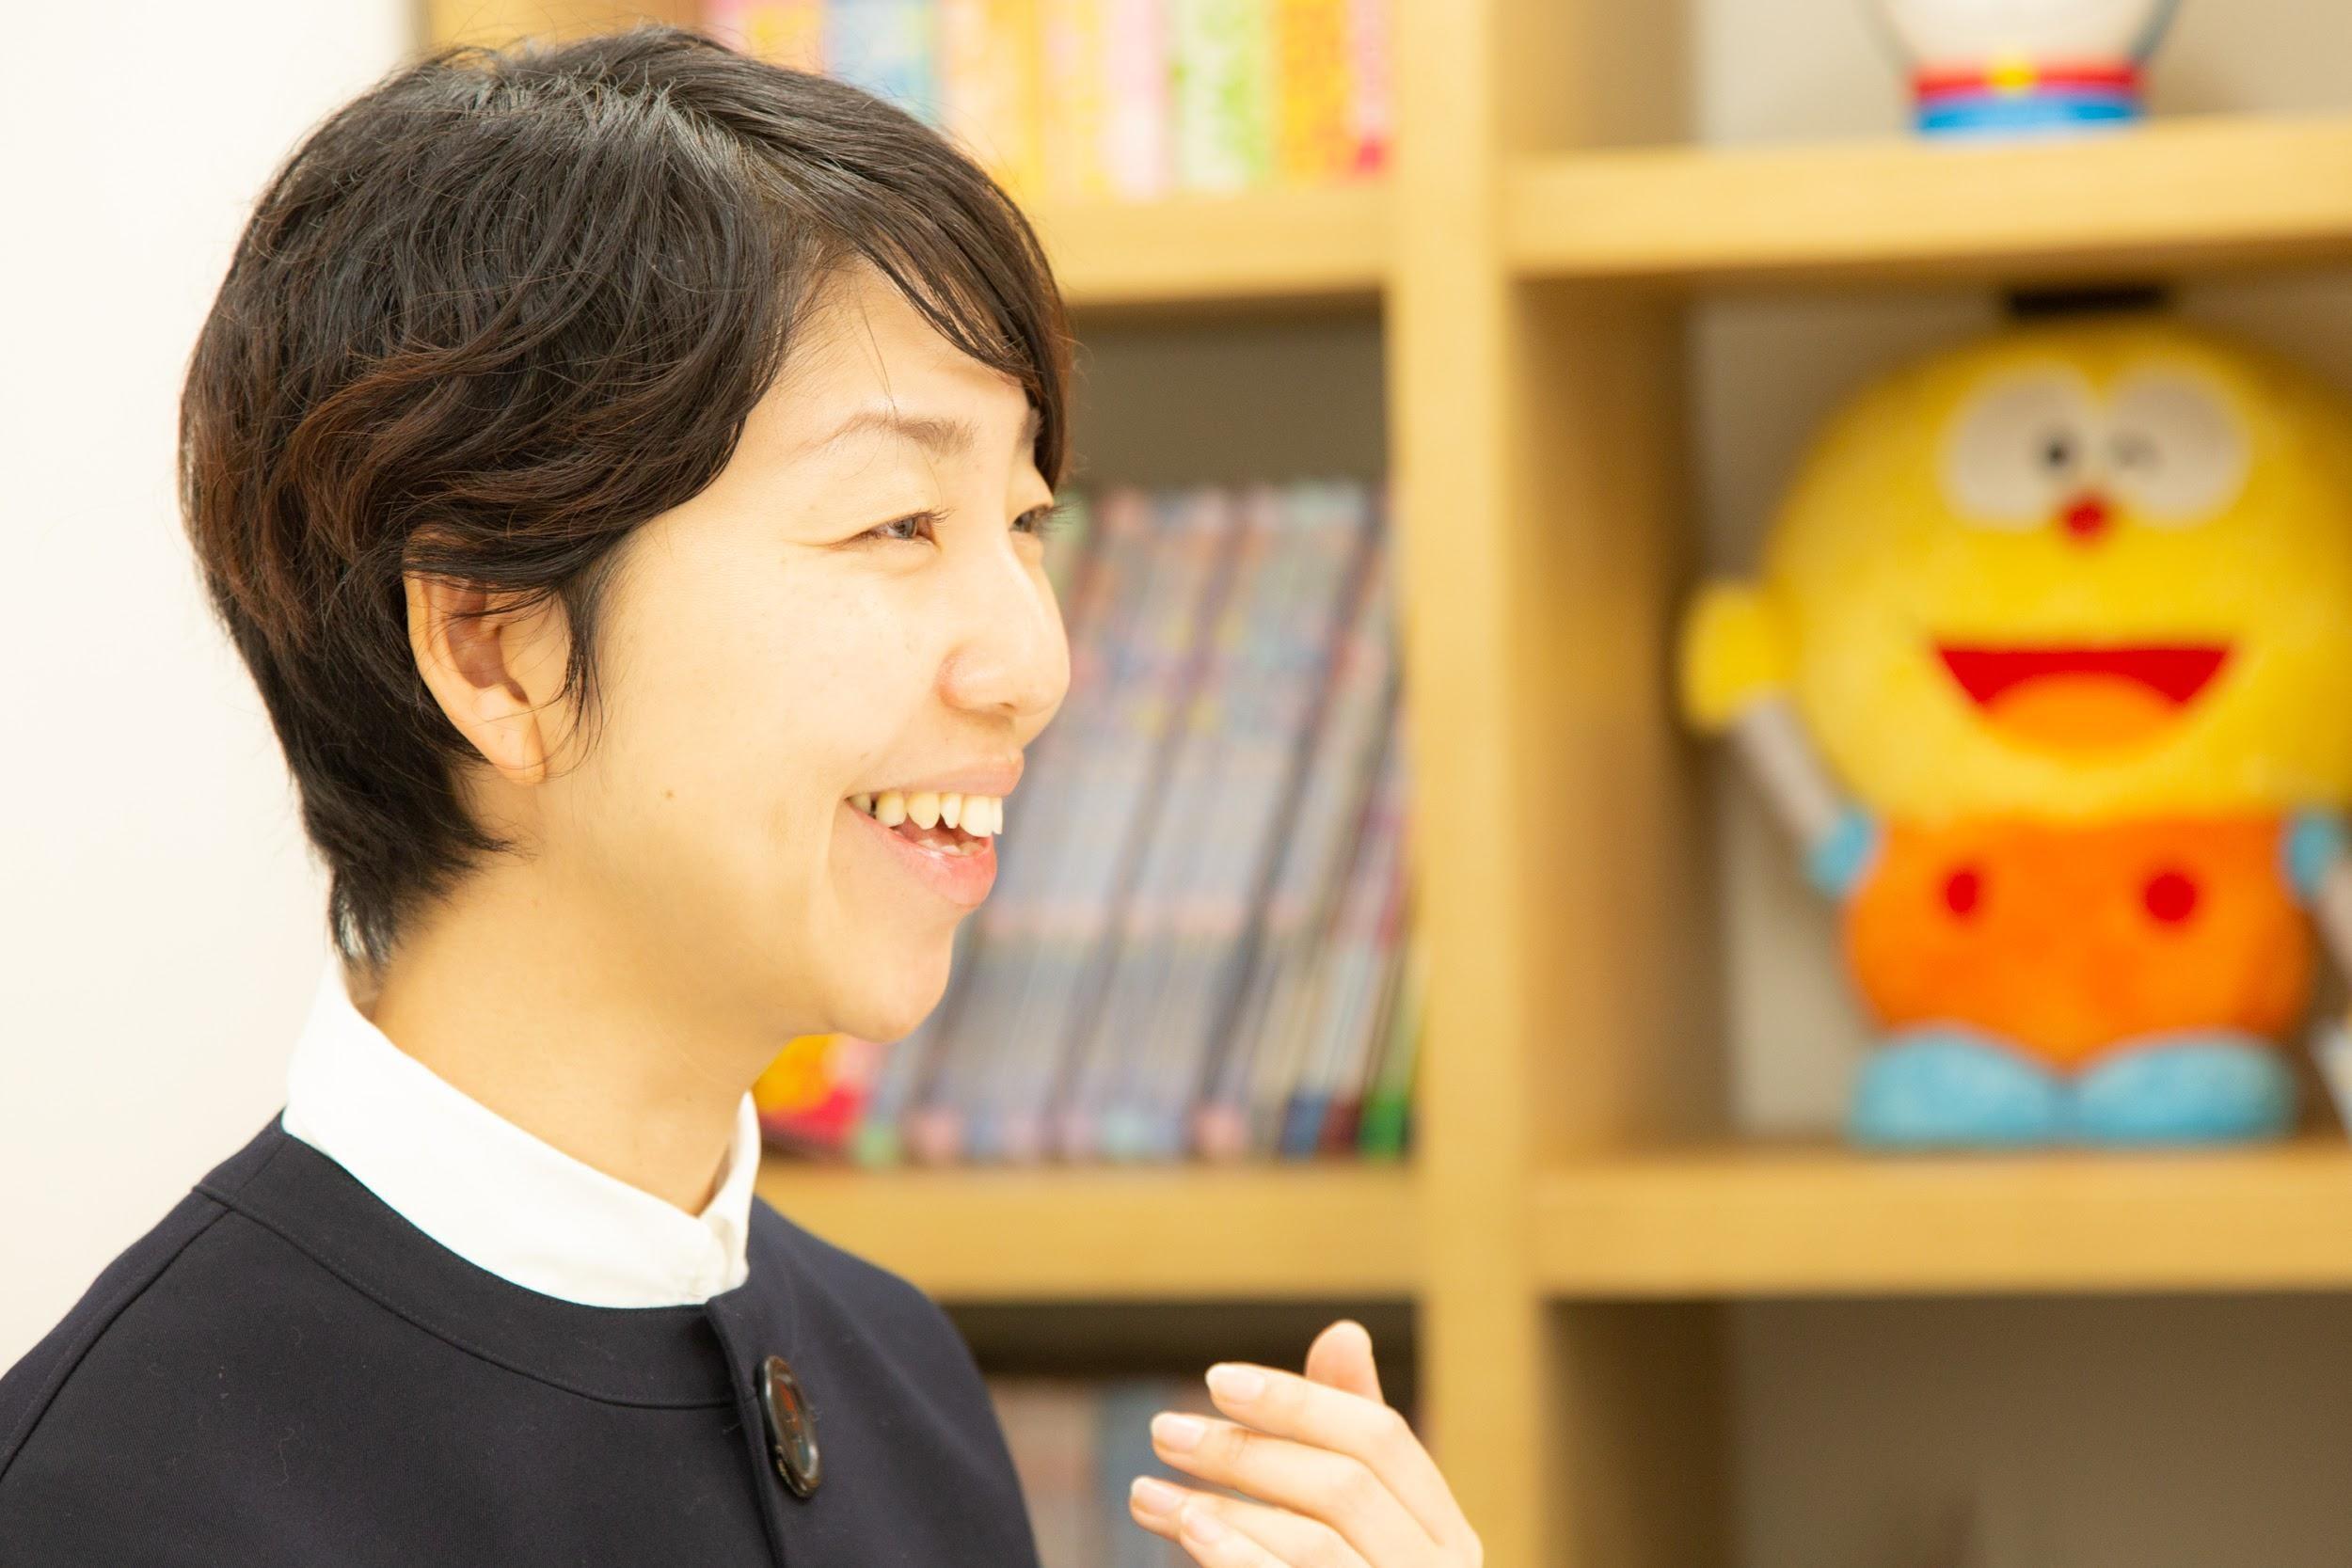 「川崎市 藤子・F・不二雄ミュージアム」に潜入取材!子どもだけじゃない!おとなも絶対楽しいスポットです!の画像